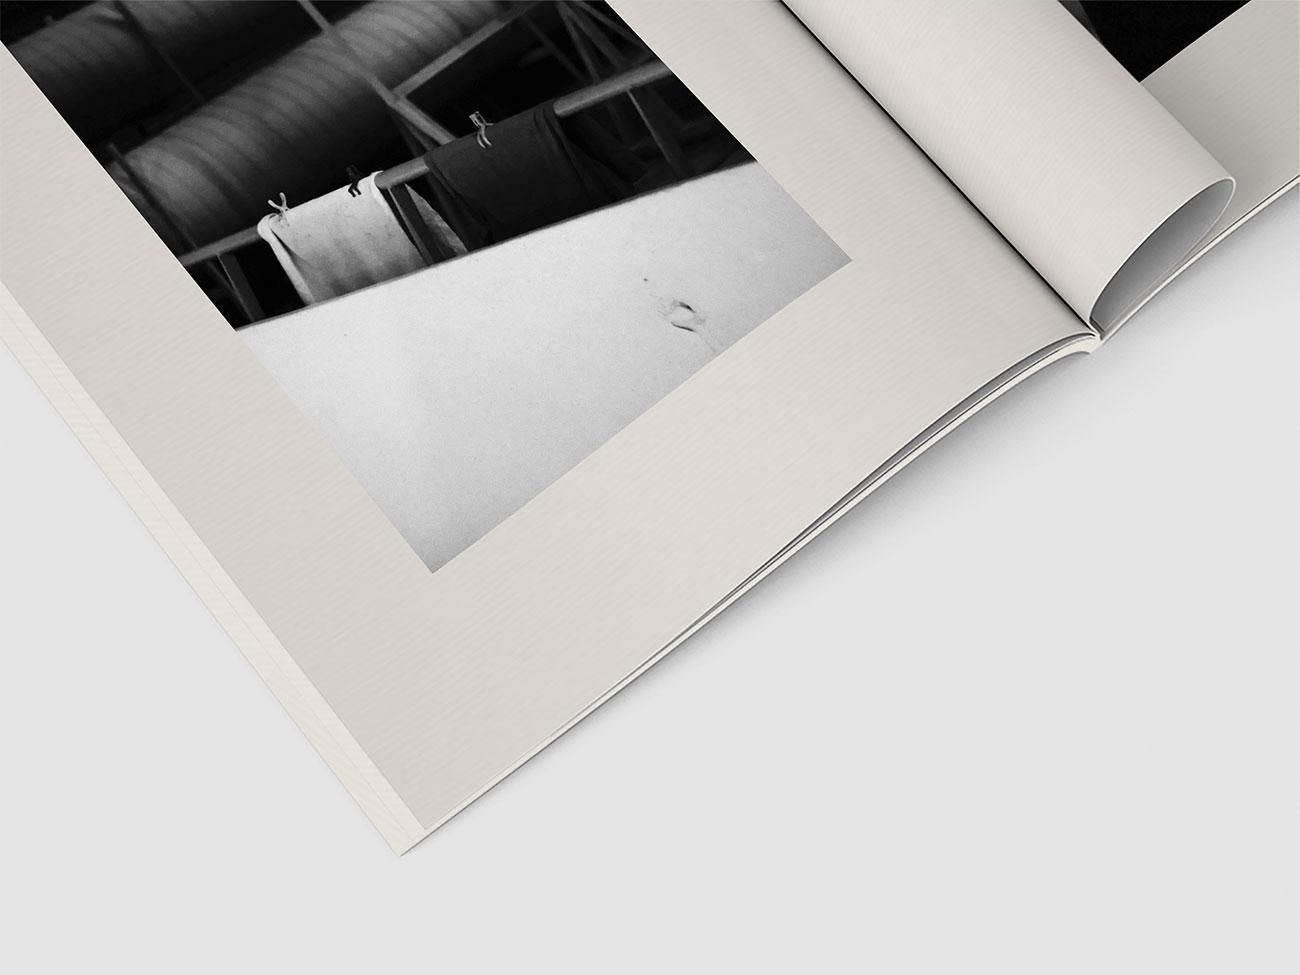 2400 fold page